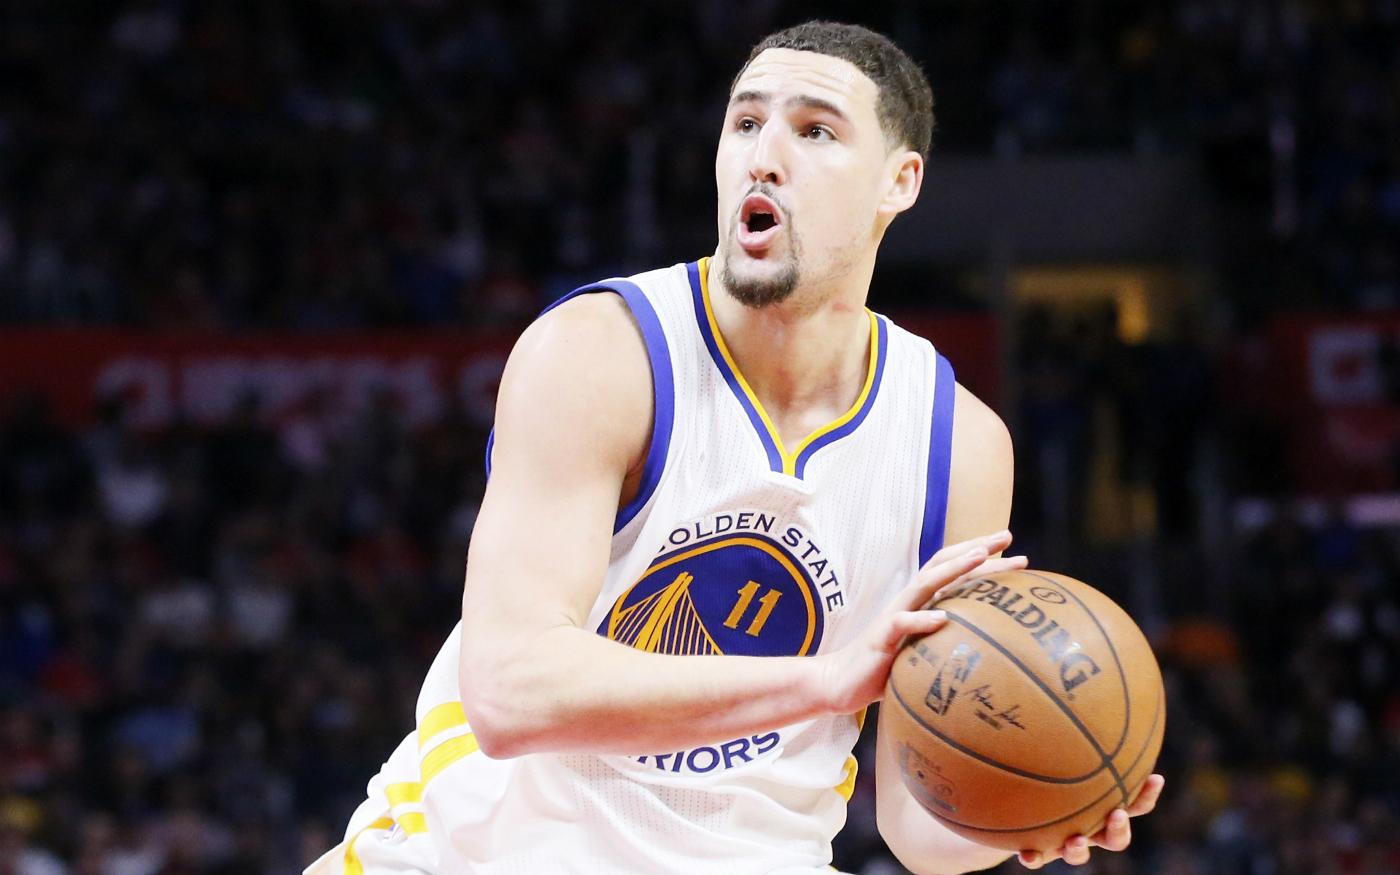 """Les Warriors traités de """"lâches"""" dans un article d'ESPN. La réponse de Klay Thompson"""